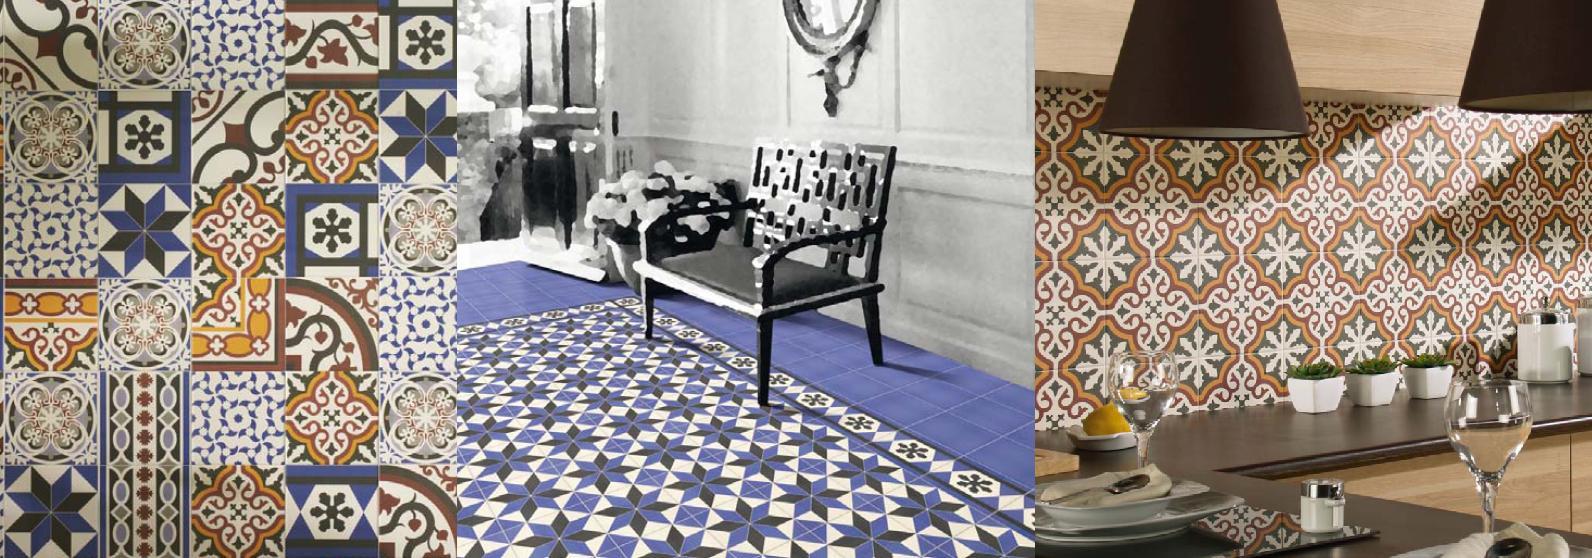 decoracional: Cerámica vintage: Nuevos aires con diseños ...